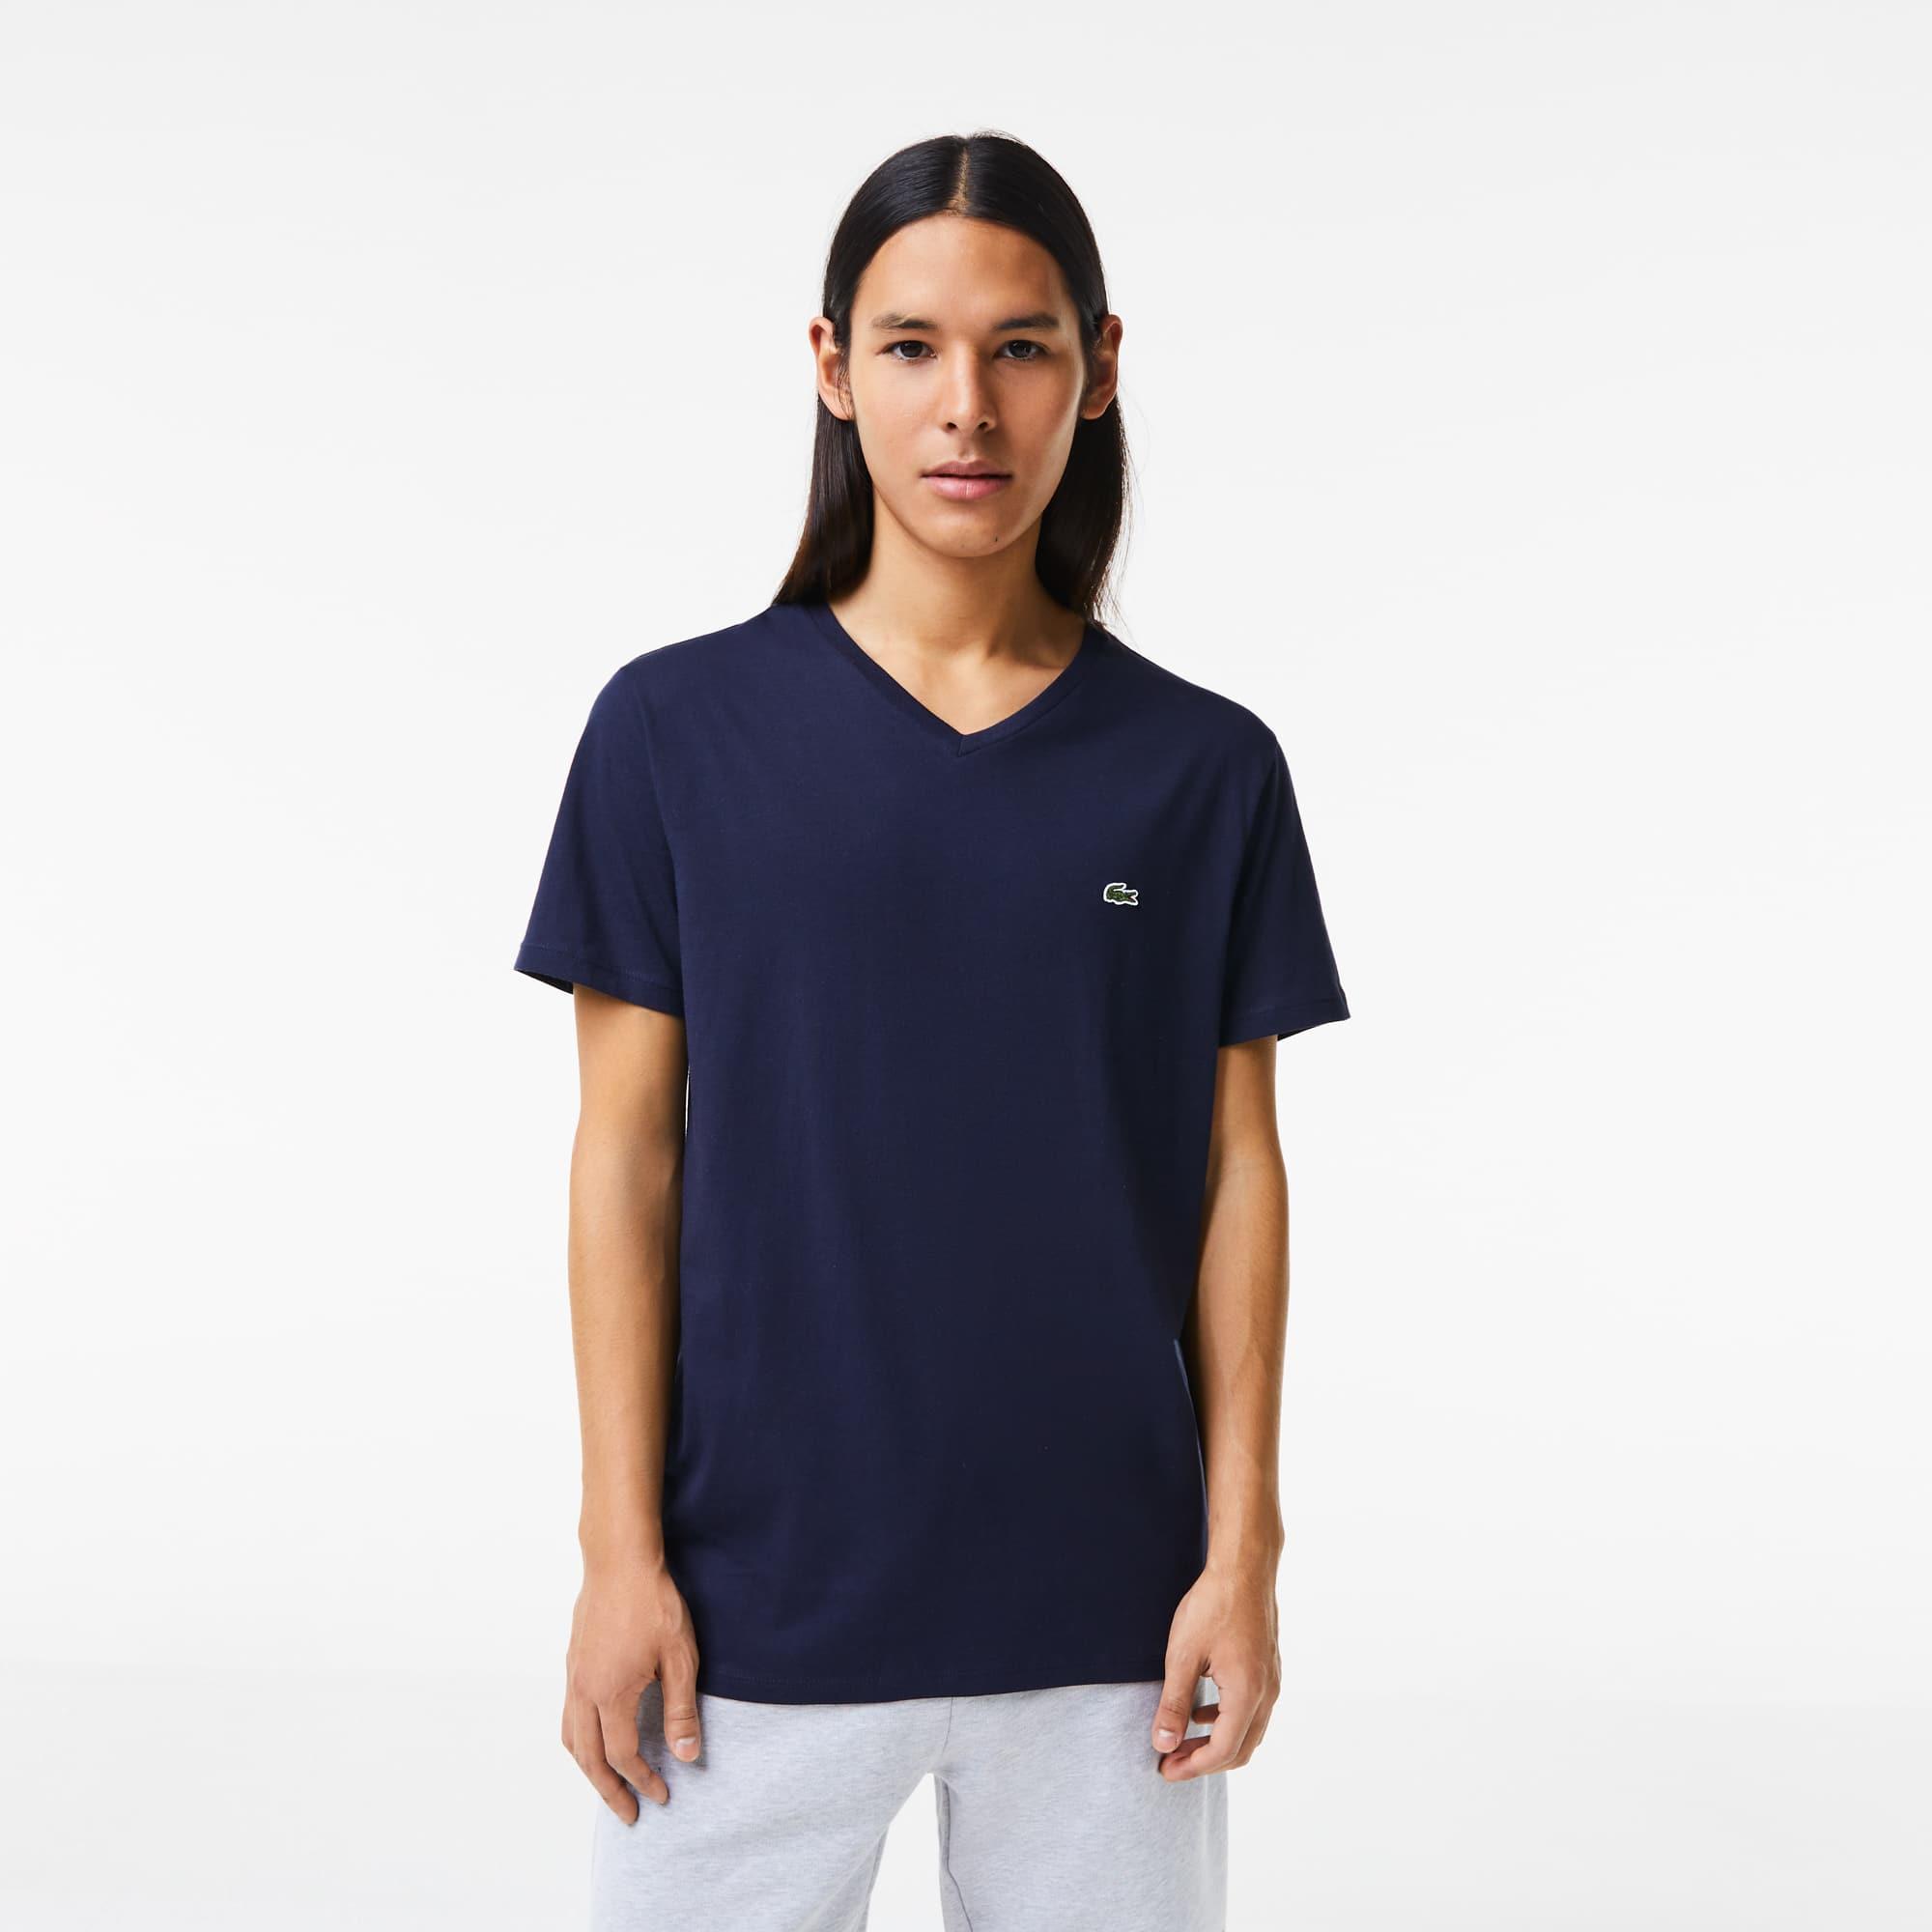 Camisetas   Moda Masculina   LACOSTE 91c4cf41fa